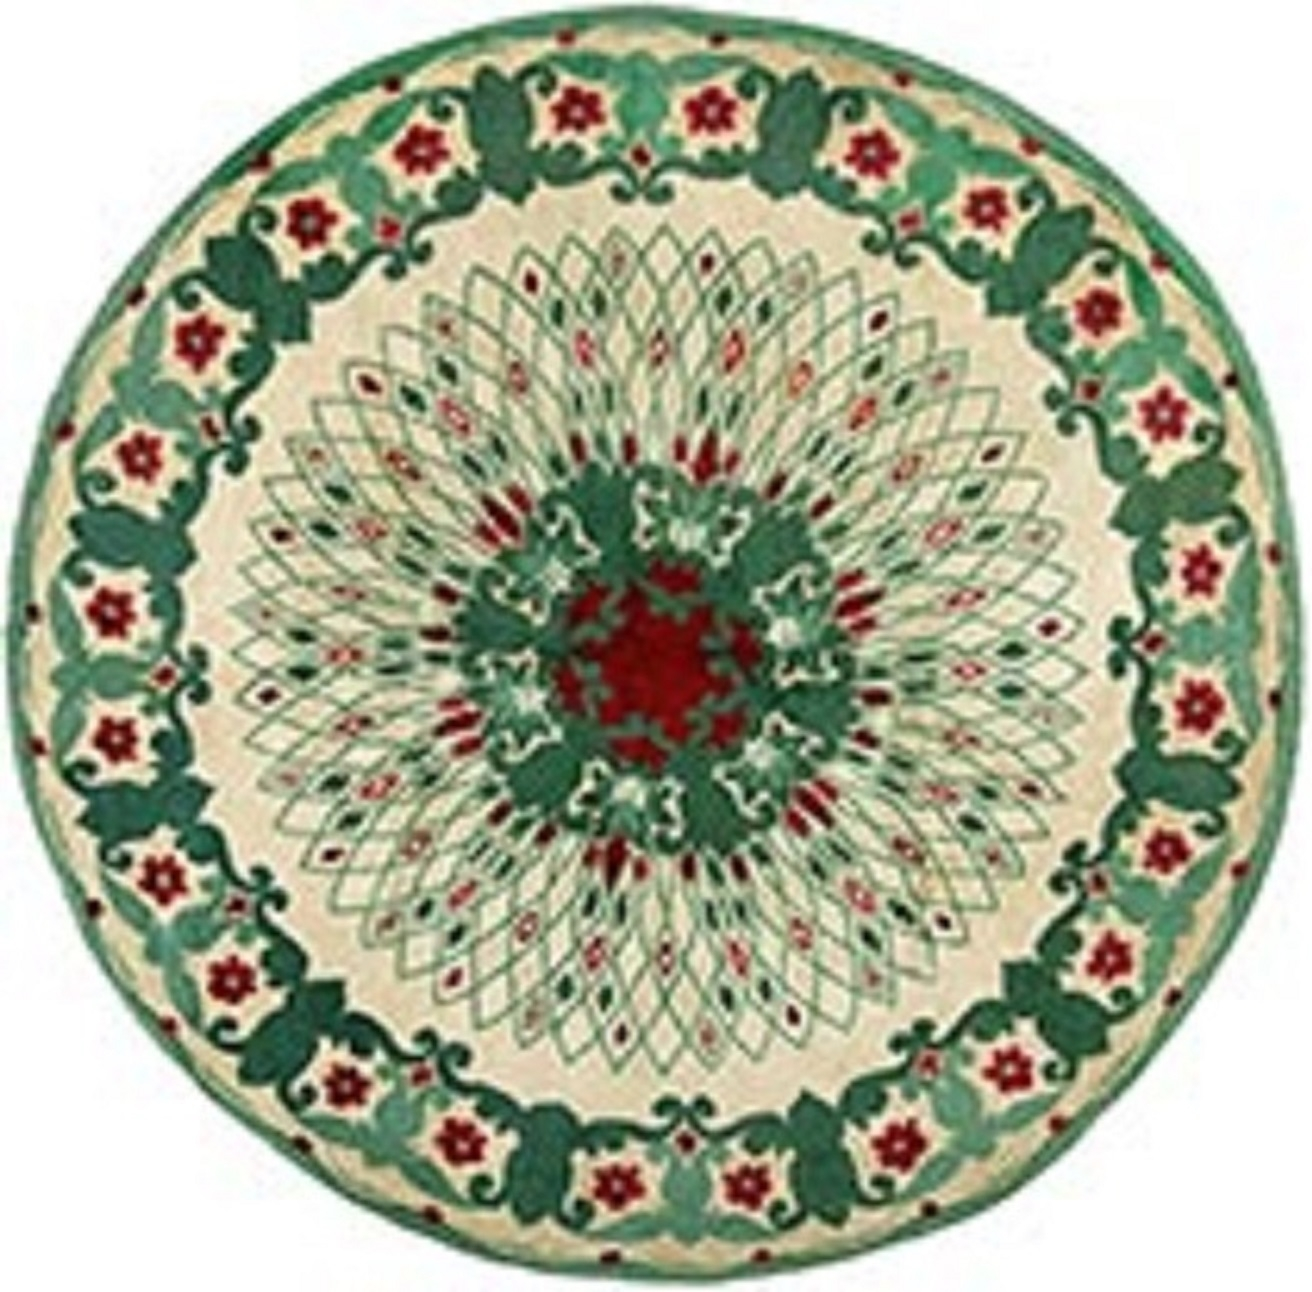 Antique Rugs by Doris Leslie Blau (@dorisleslierugs) Cover Image